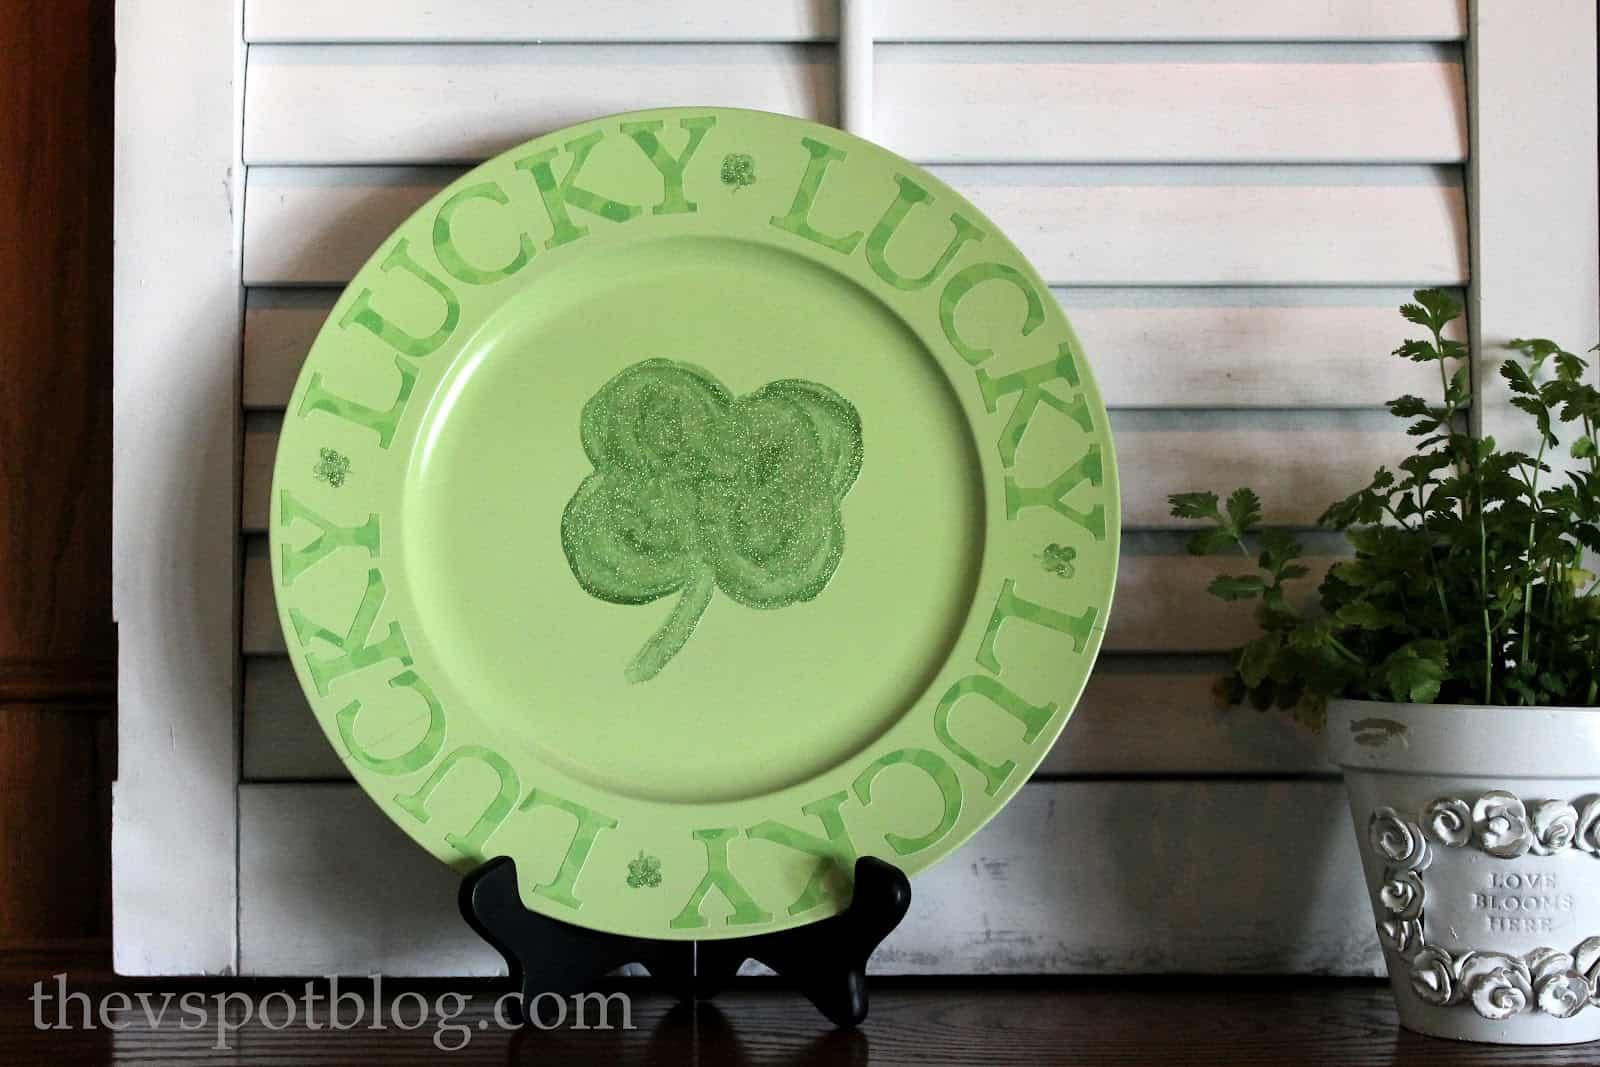 Shamrock plate decoration